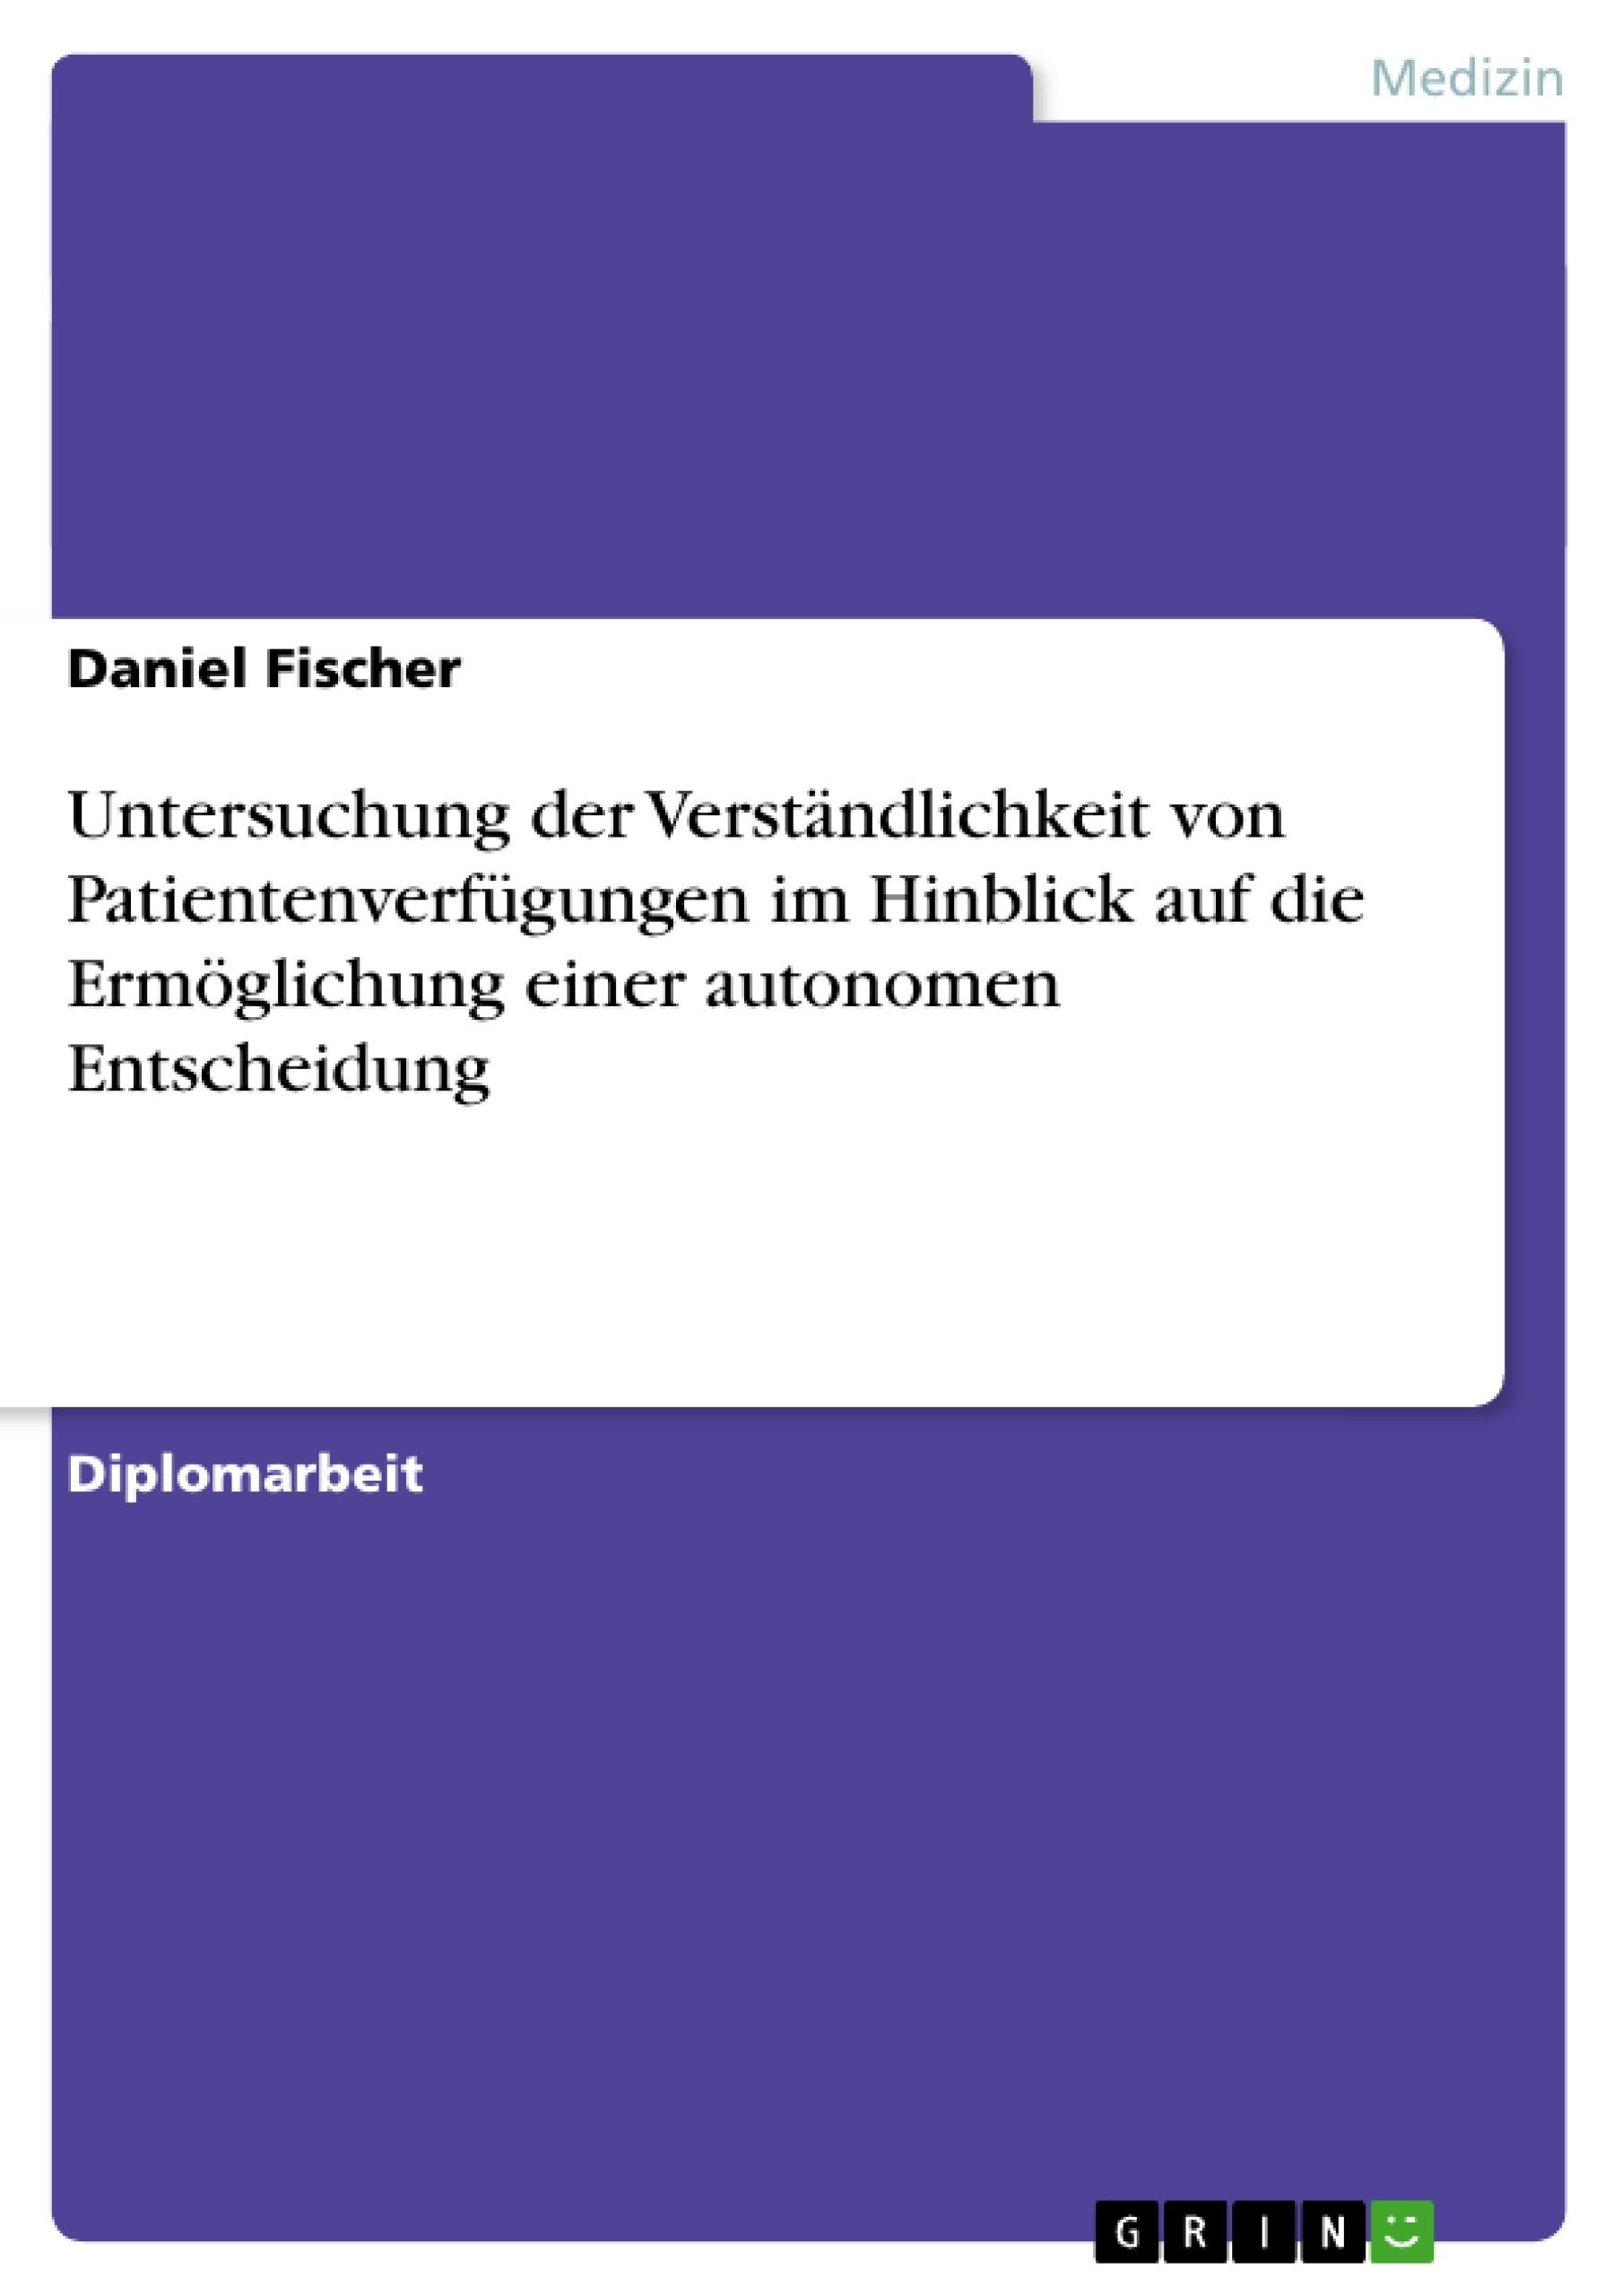 Titel: Untersuchung der Verständlichkeit von Patientenverfügungen im Hinblick auf die Ermöglichung einer autonomen Entscheidung